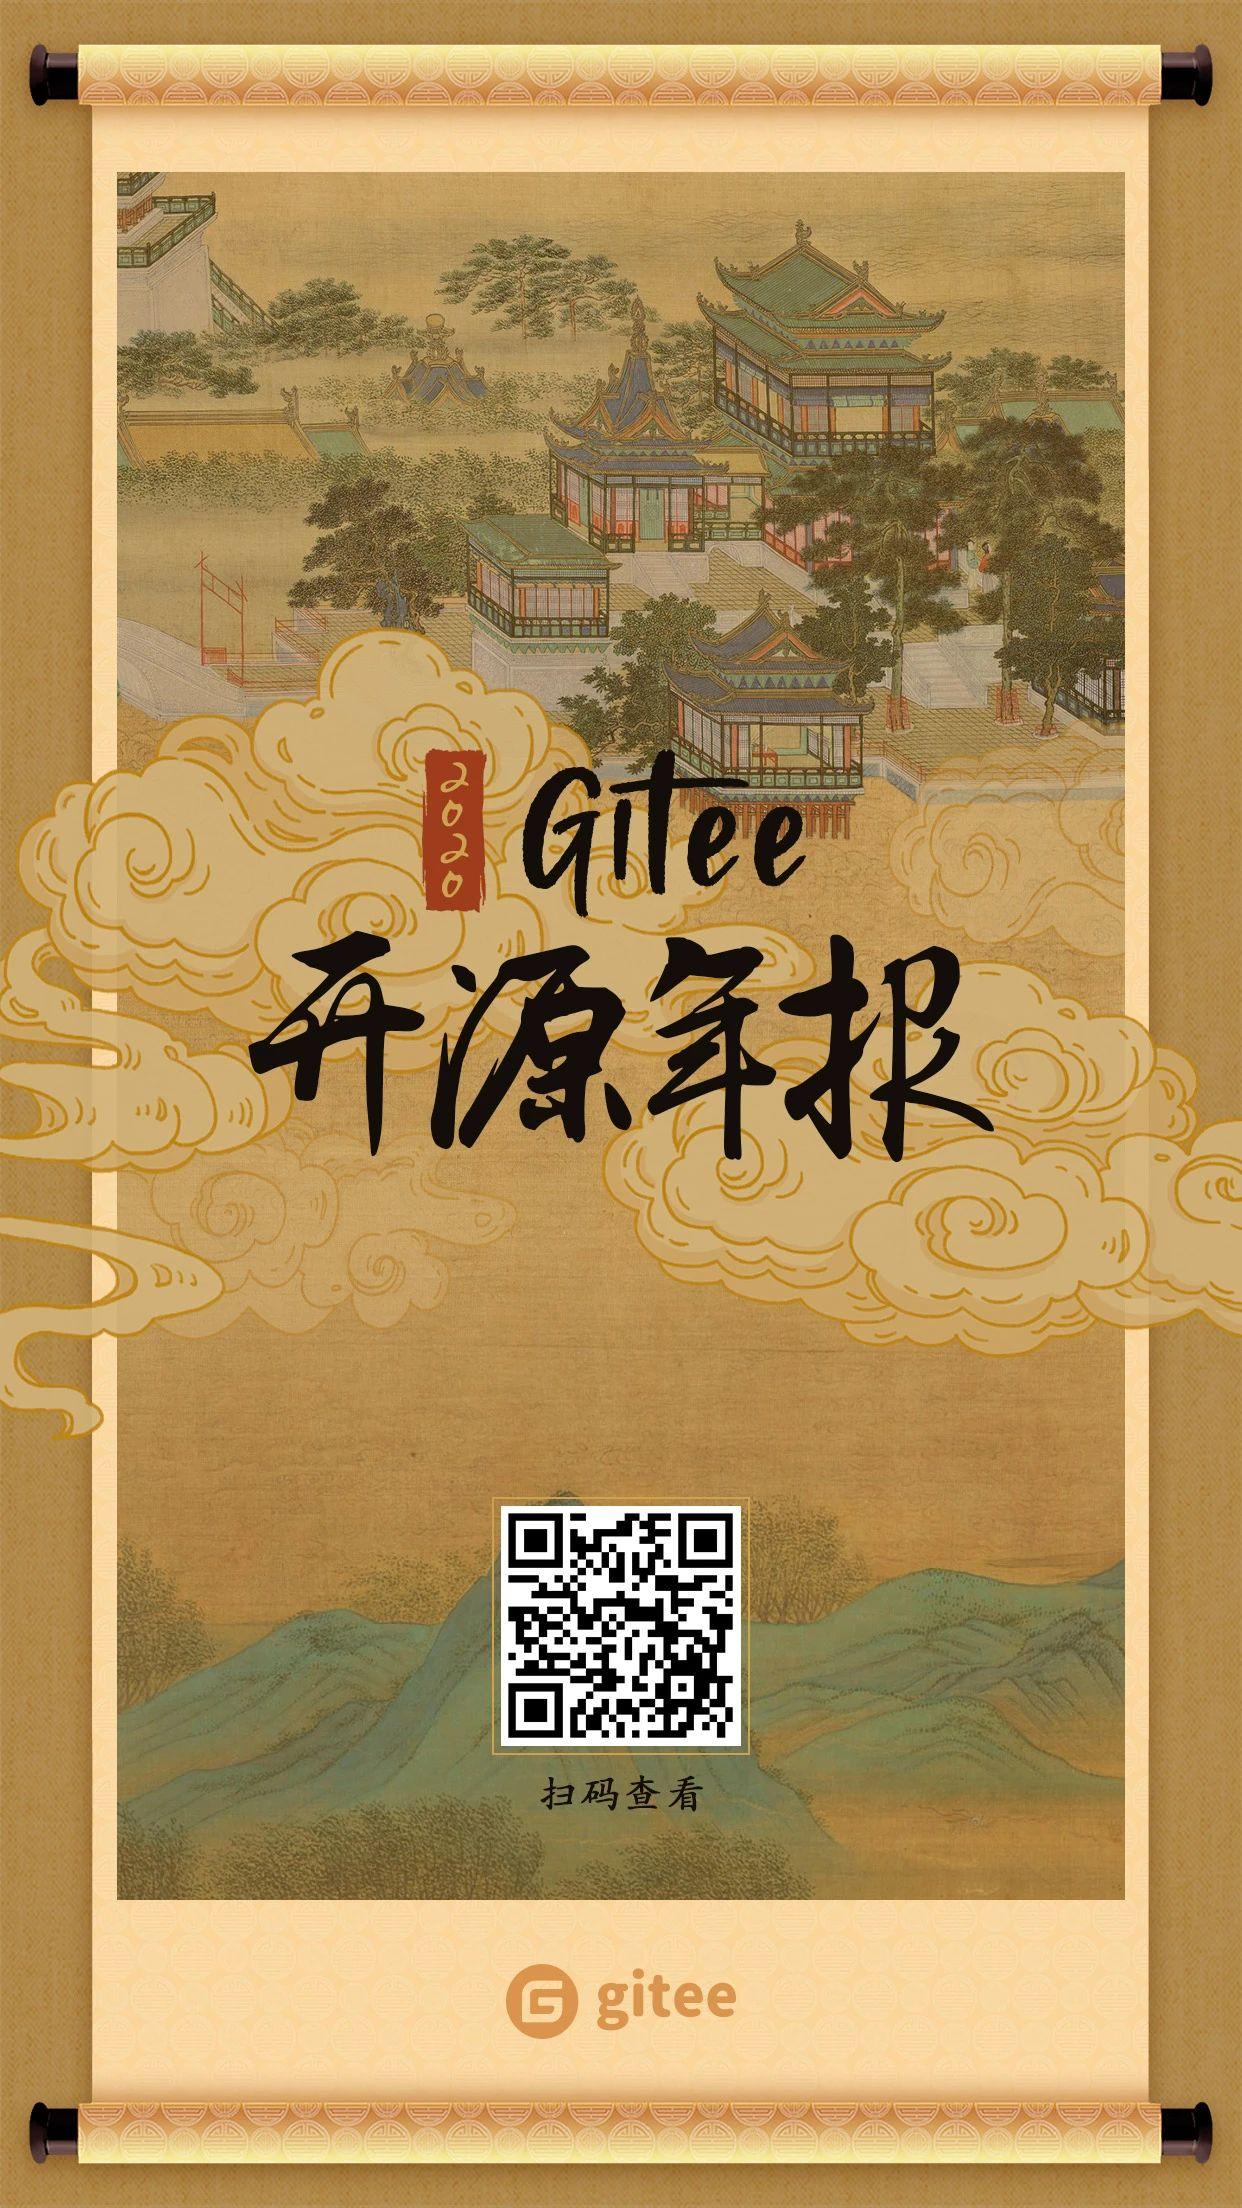 2020 Gitee 开源年报发布,见证本土开源高速发展的一年-Gitee 官方博客